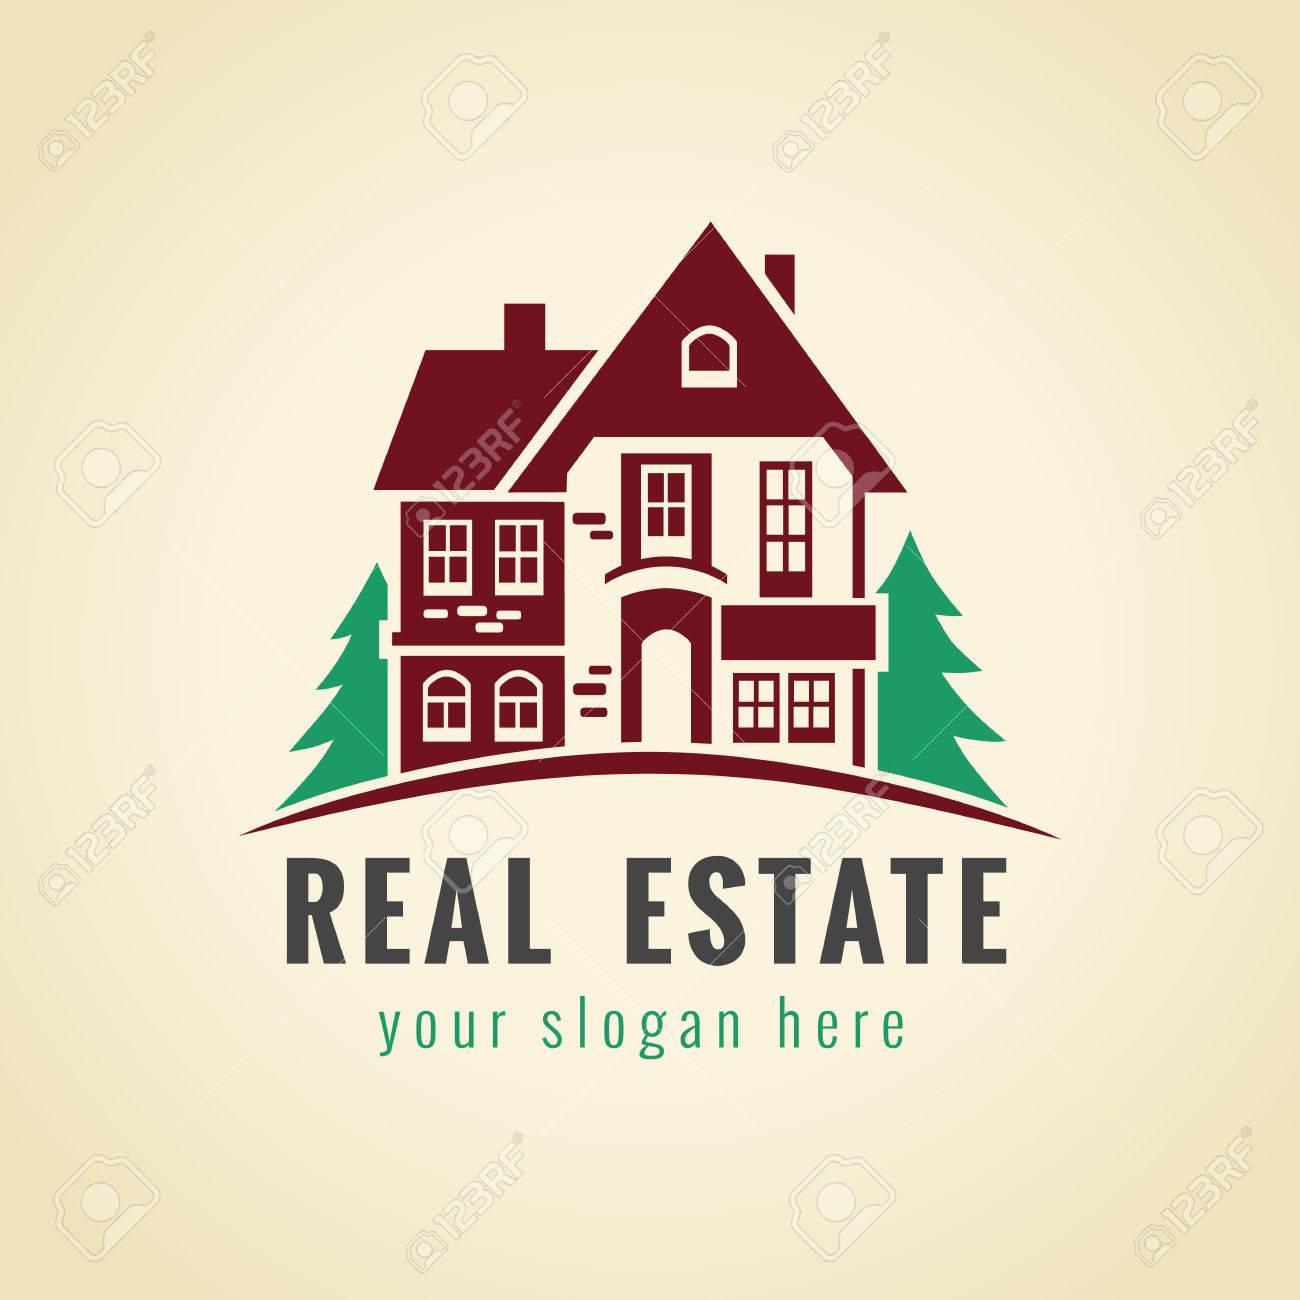 Inmobiliaria Vector Logo Bosque Casa En Venta Signo Icono Para La Agencia De Propiedad Construccion Casa De Arrendamiento Seguros Comprar Invertir O Negocio De Jardineria Casa De Campo Simbolo De La Vendimia